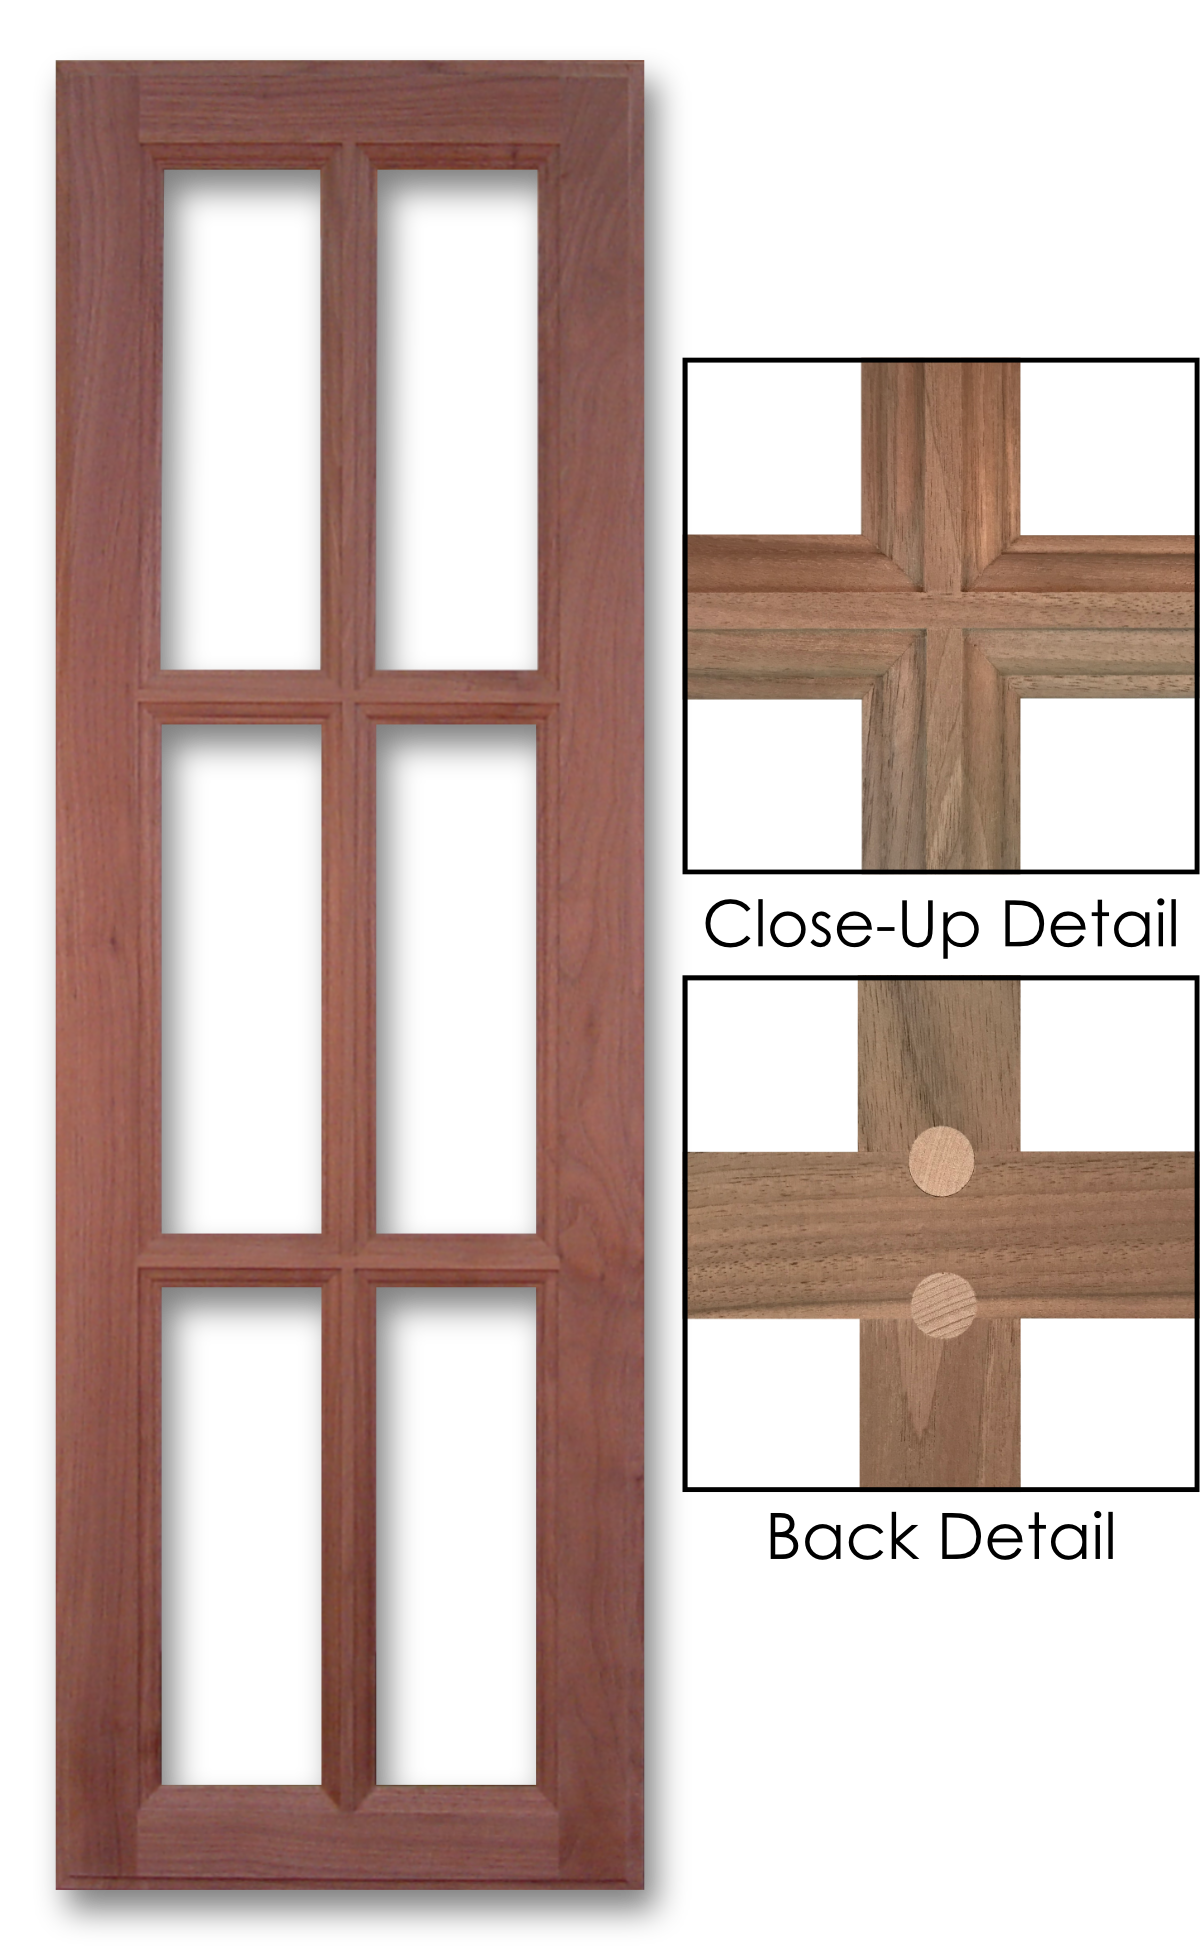 700 Black Walnut Mullion Grid + Close-Up Details Front u0026 Back  sc 1 st  Scherru0027s & Open Frame Doors u0026 Mullion Grids